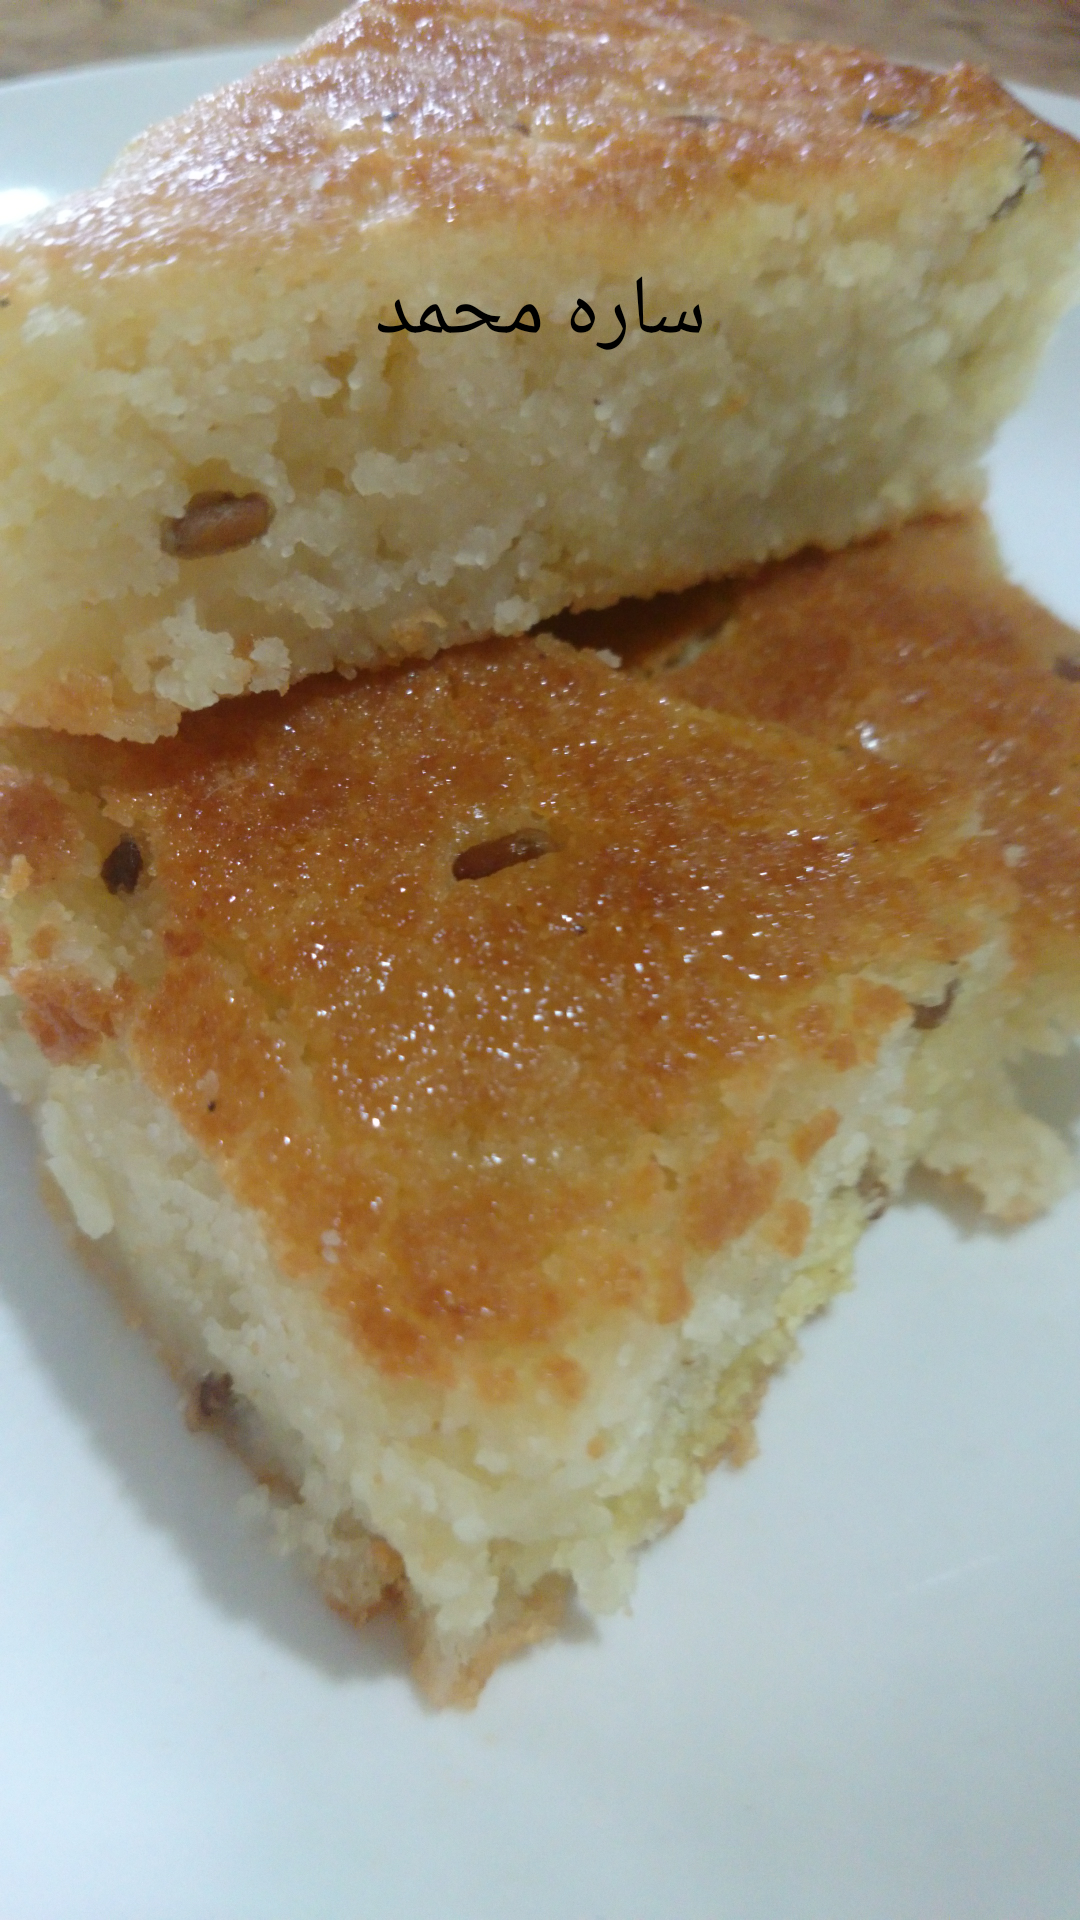 صينيه الحلبه بسيطة جدا والطعم اكثر من راااااااااااااائع